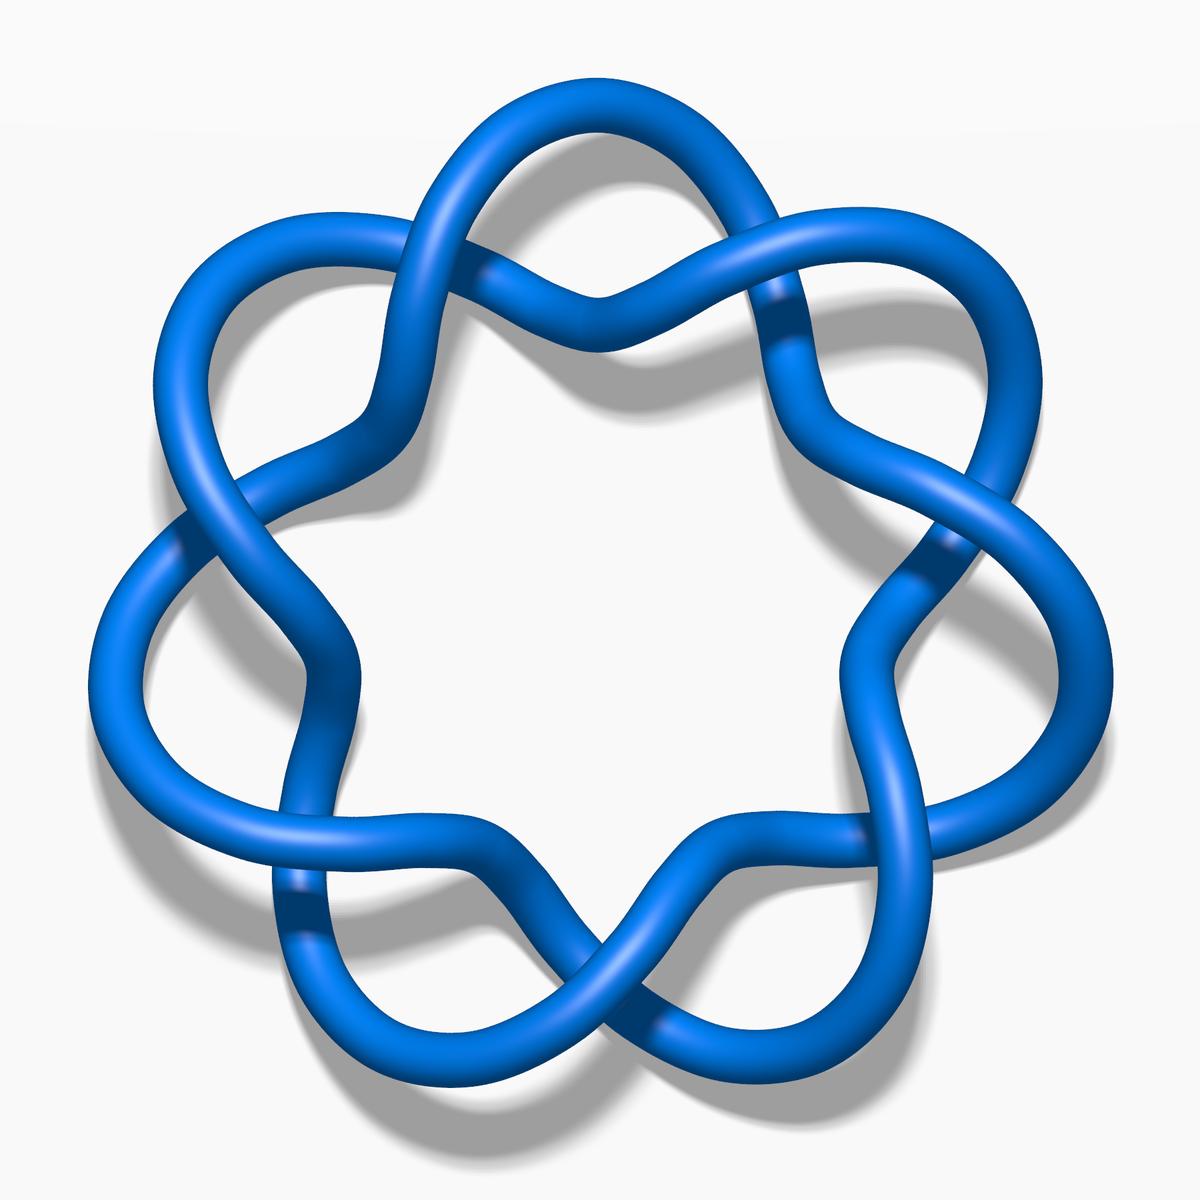 7 knot wikipedia